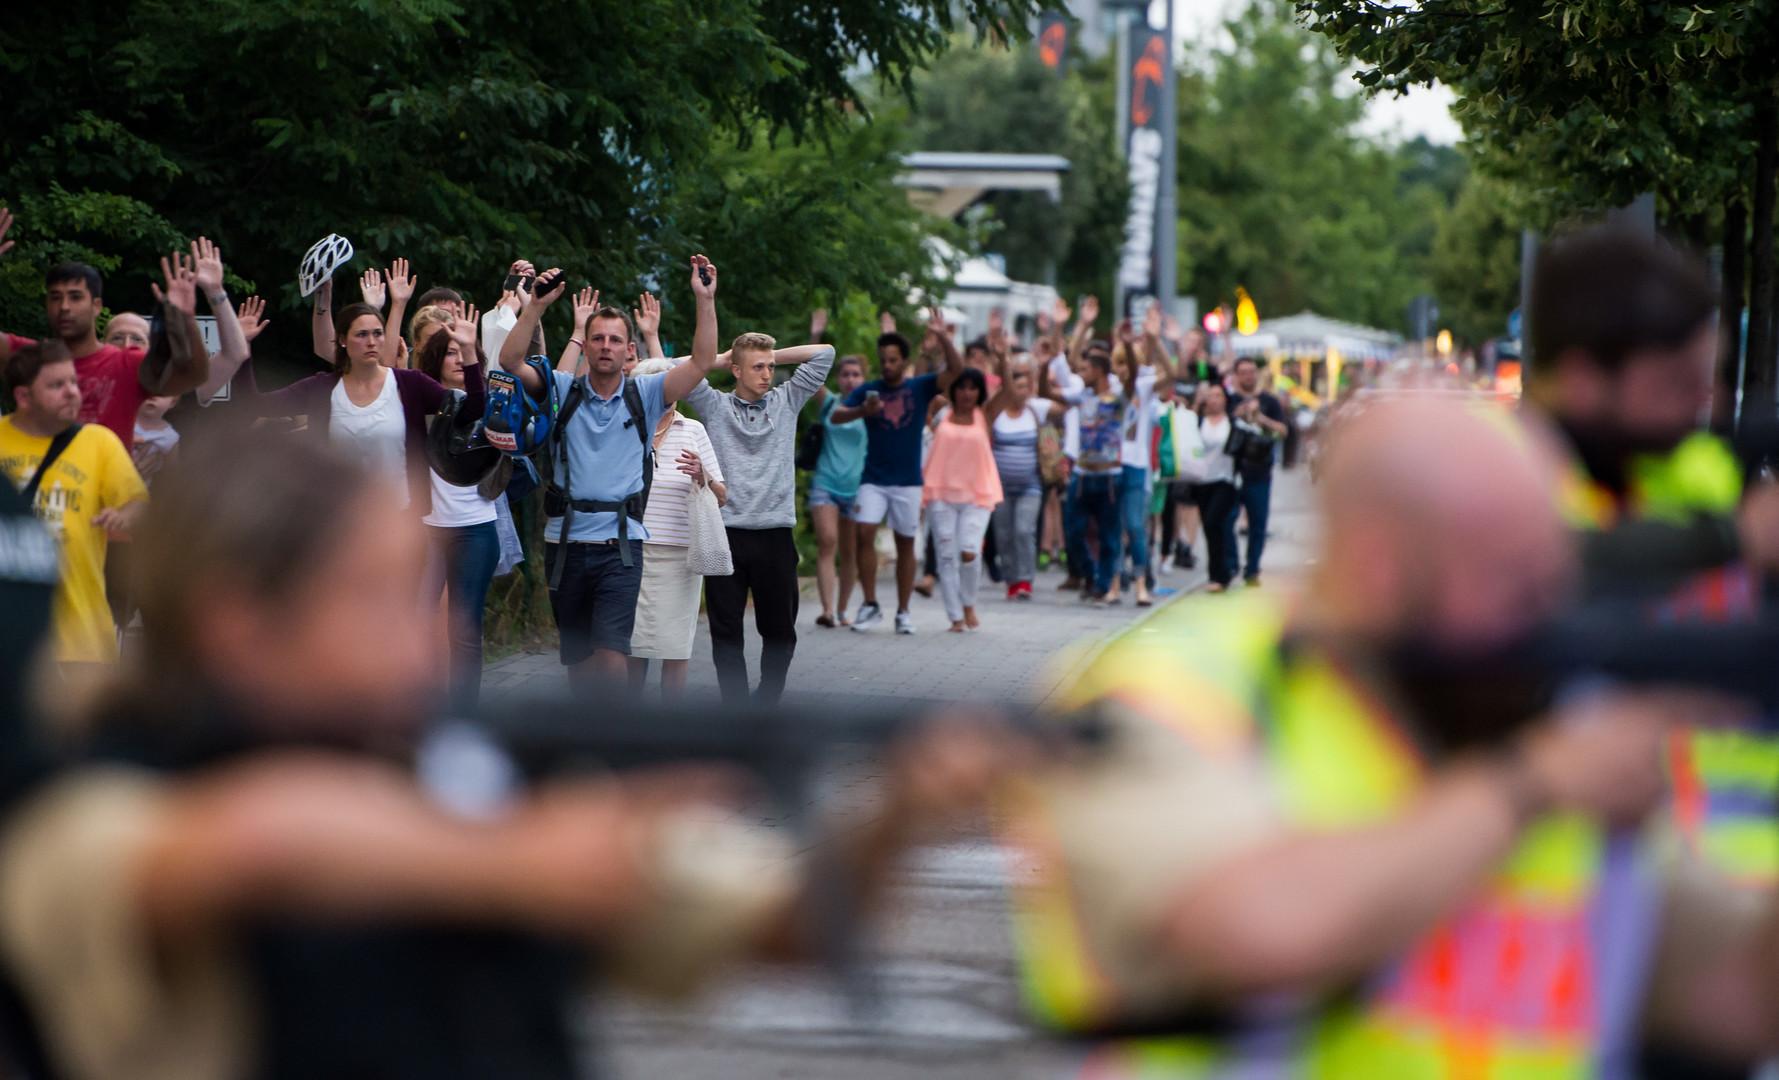 Полиция эвакуирует посетителей торгового центра в Мюнхене, после того как 18-летний немец иранского происхождения открыл огонь по местным жителям 22 июля.